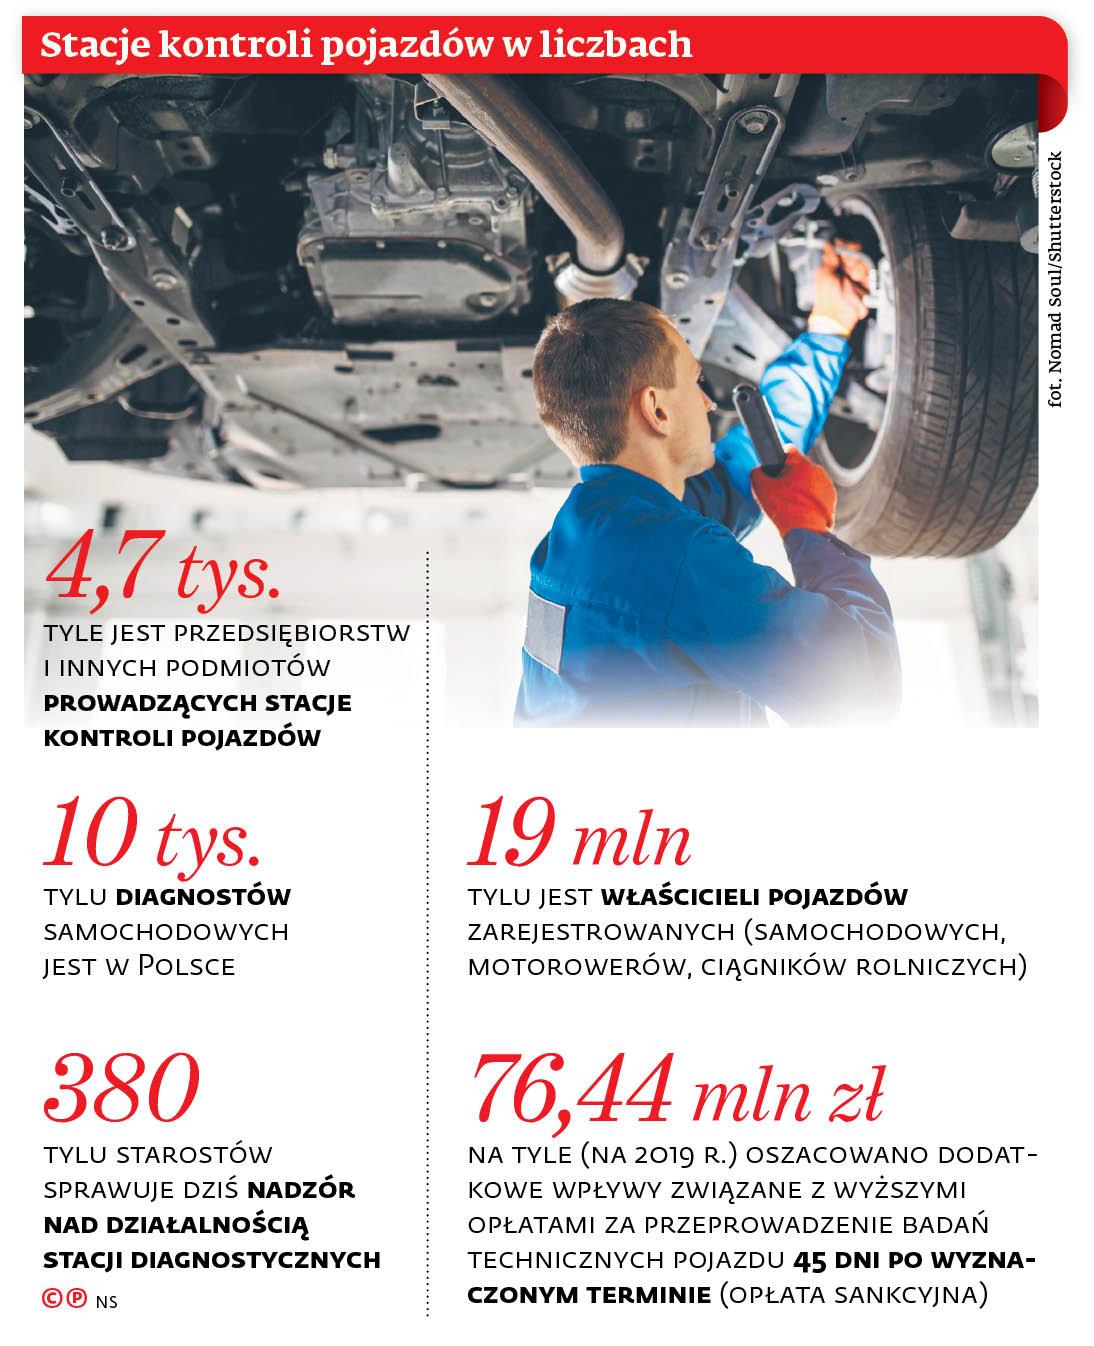 Stacje kontroli pojazdów w liczbach